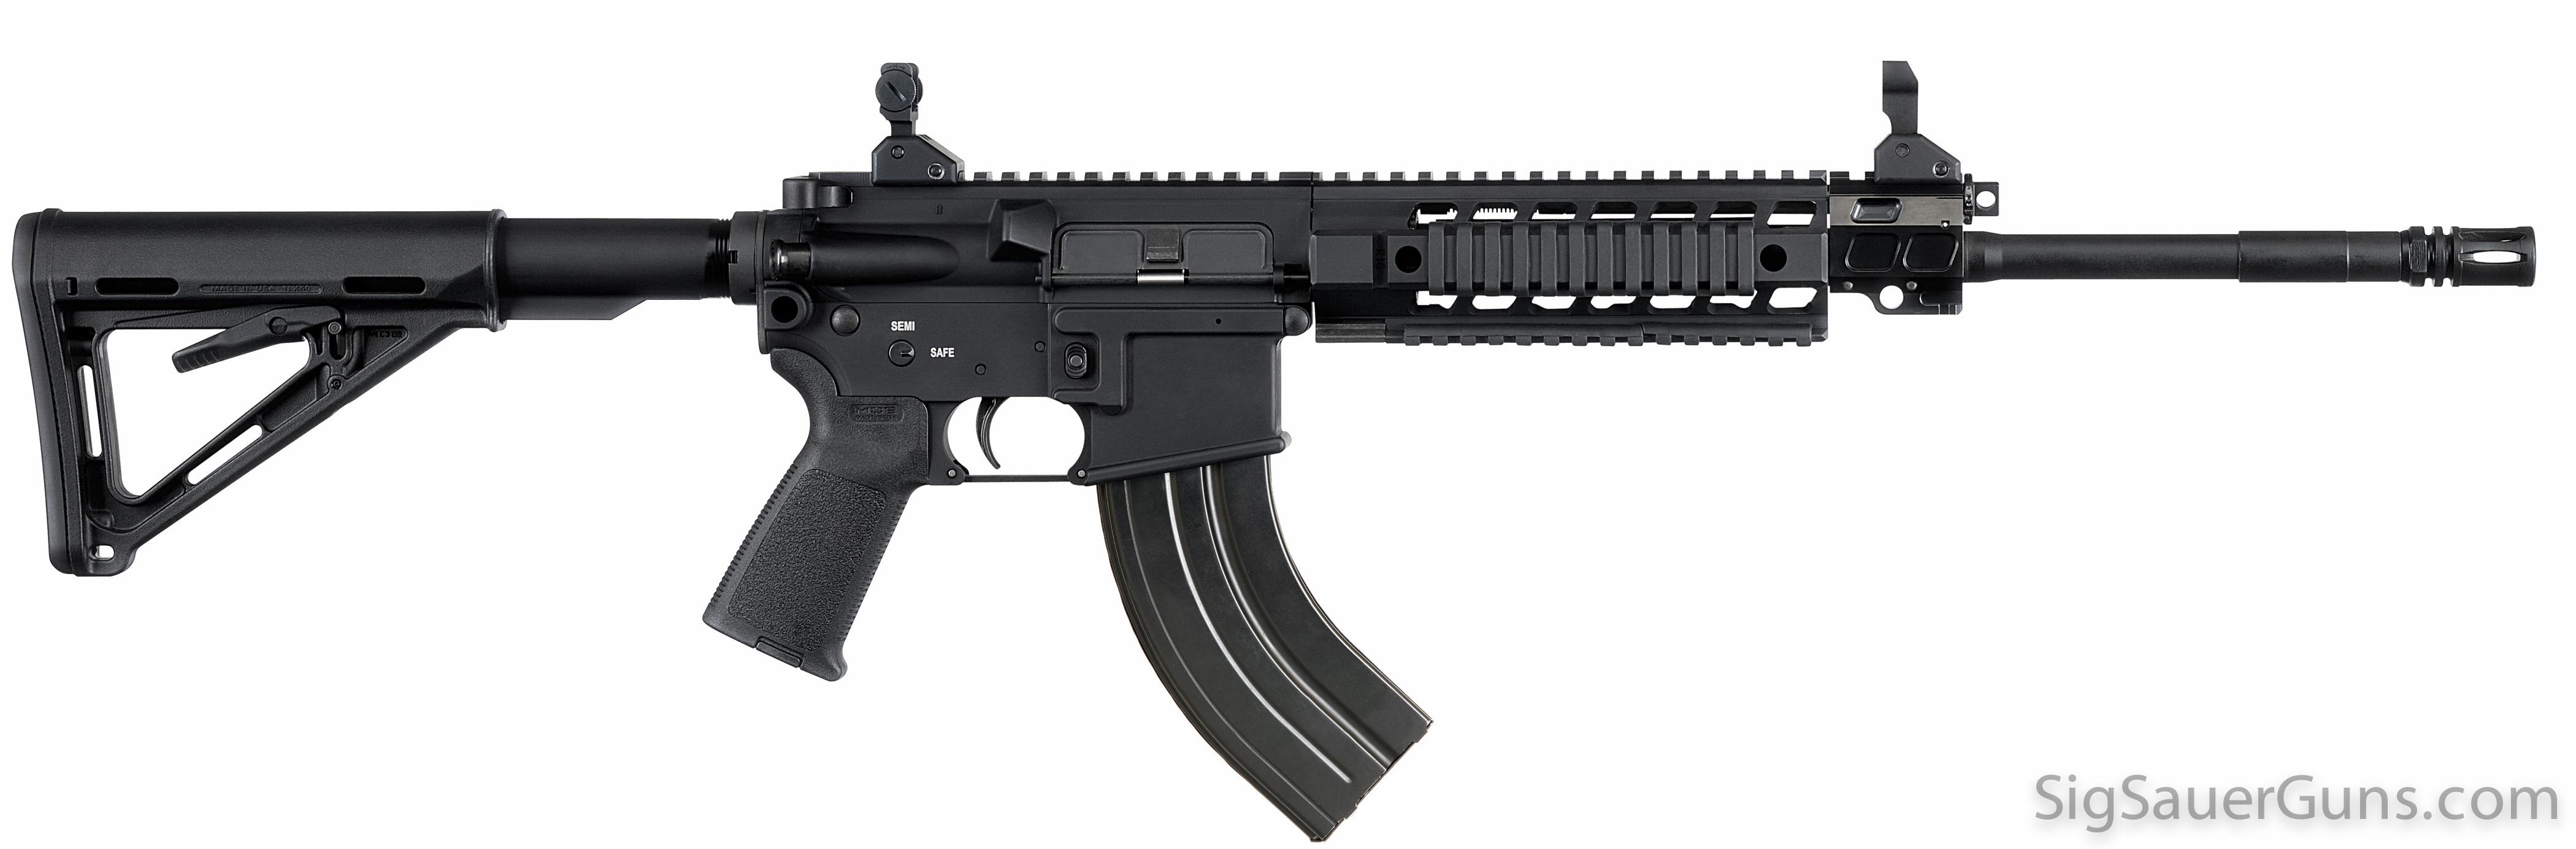 SIG516 AK